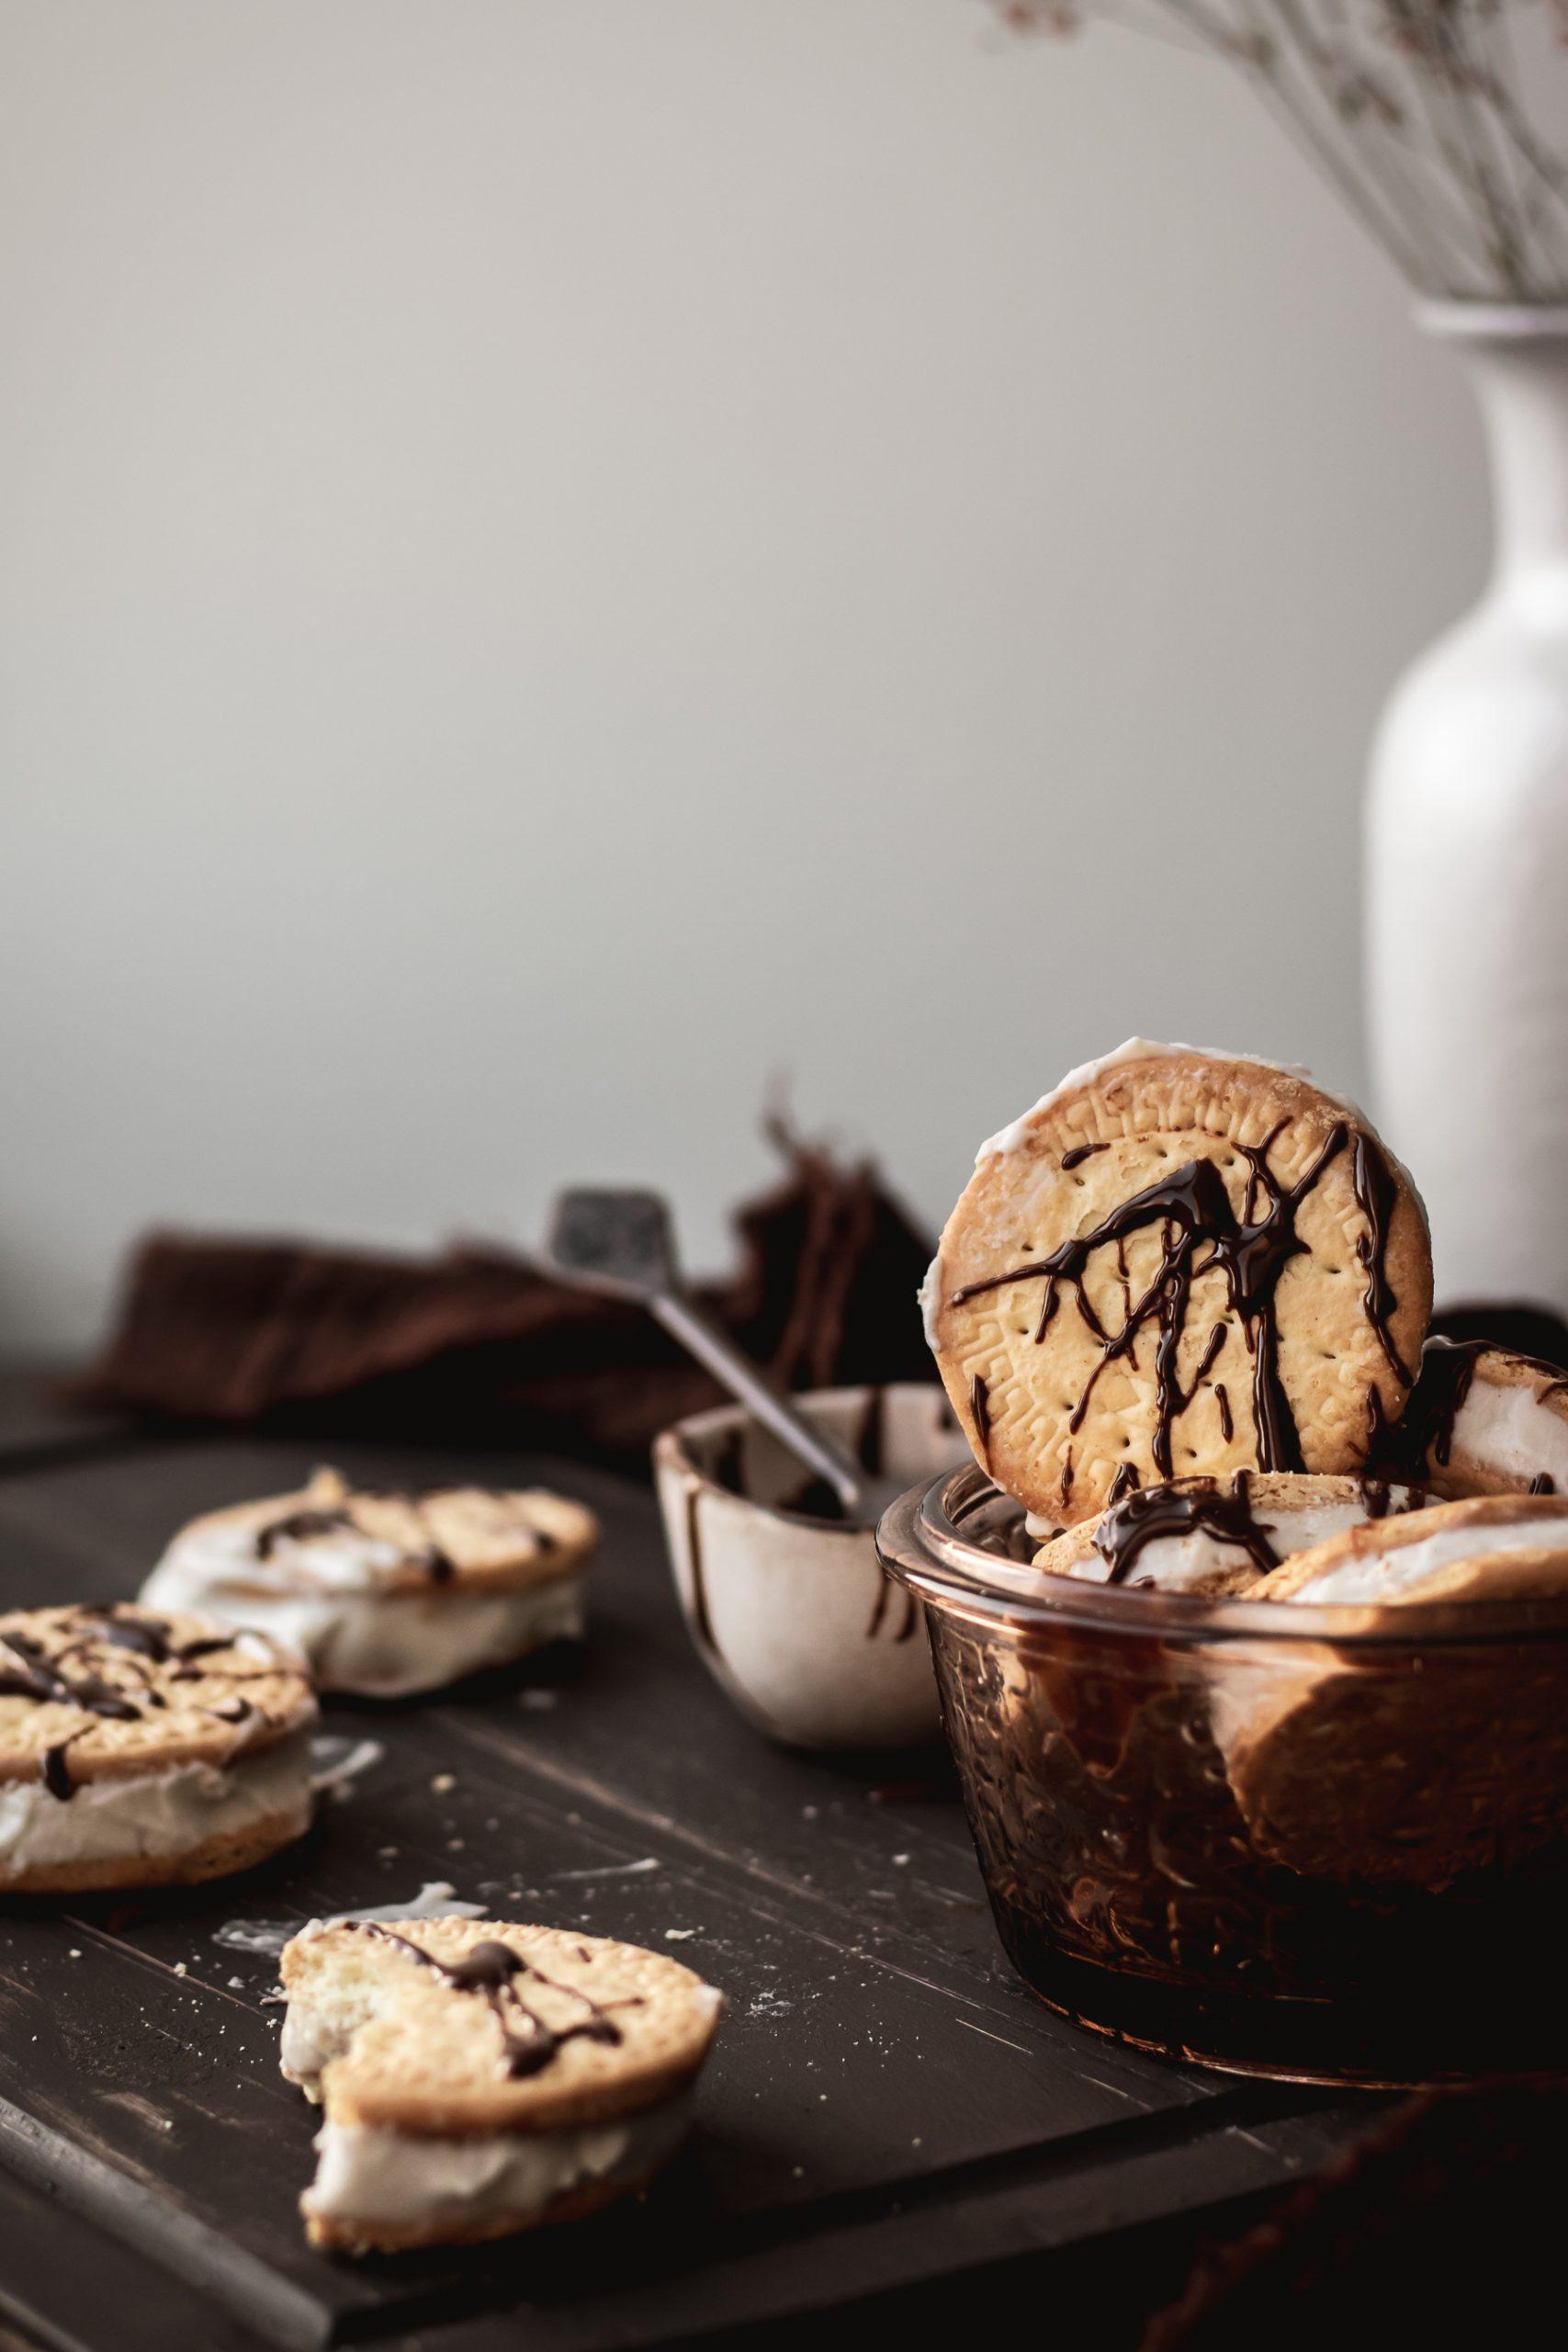 Kokosiniai ledai sausainyje